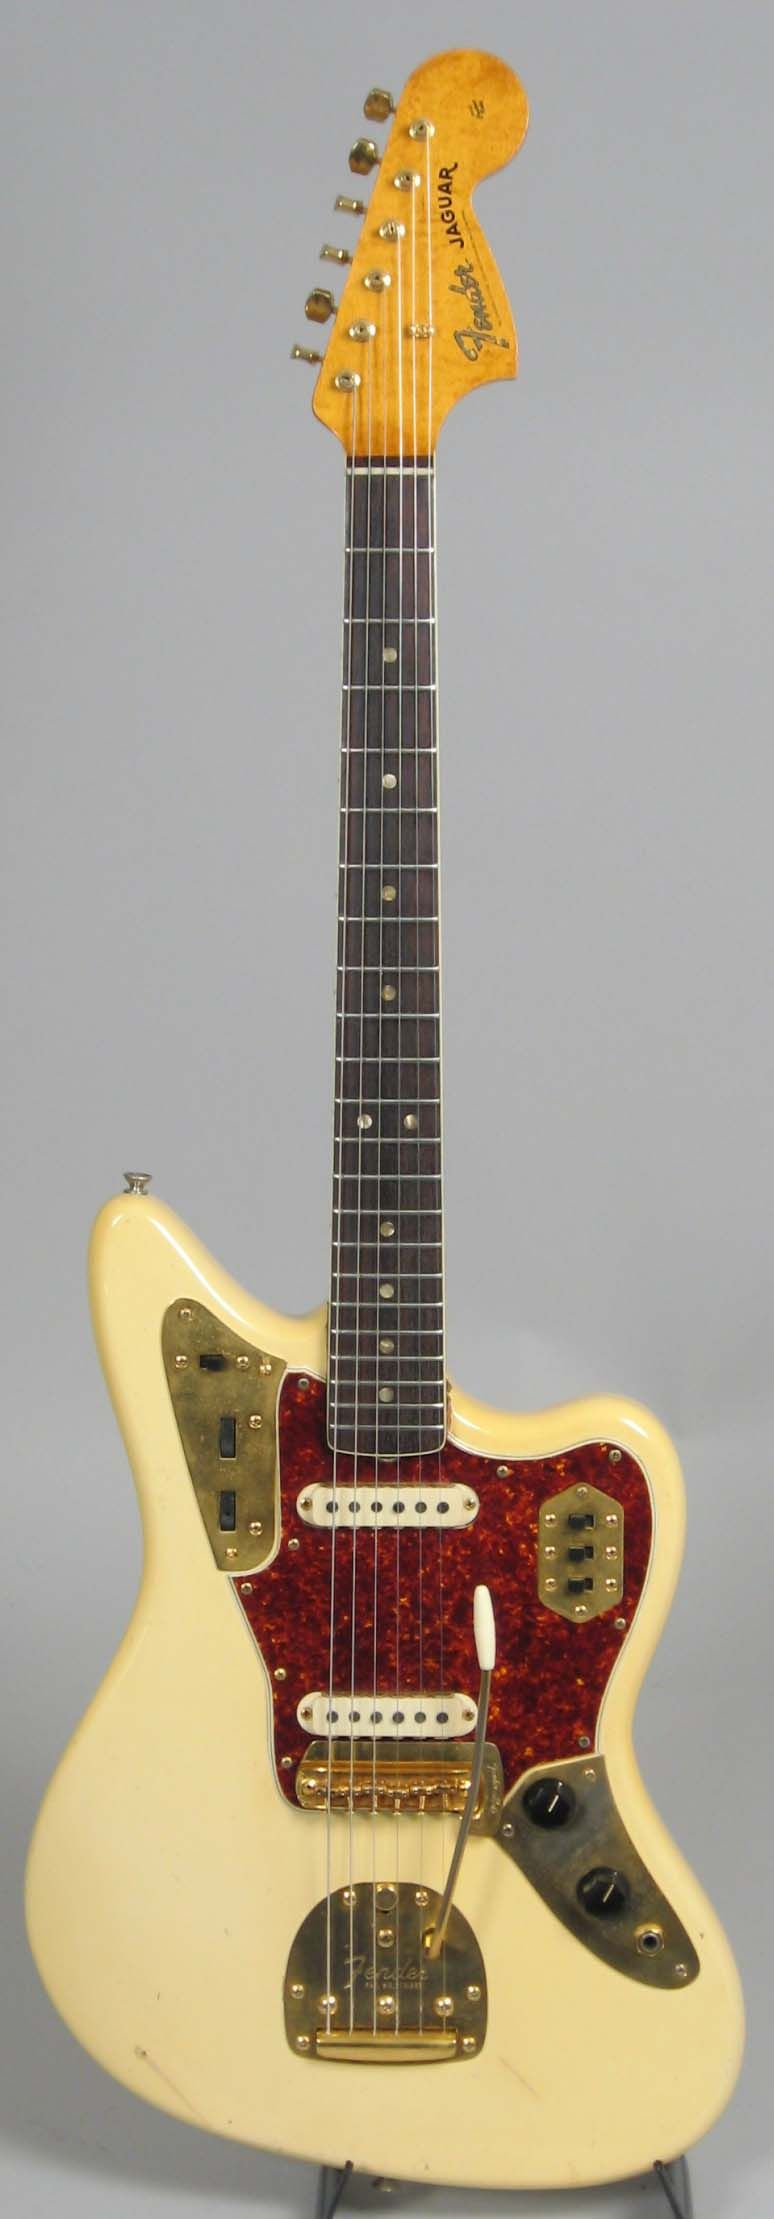 1966 fender jaguar blonde with gold hardware | guitars | pinterest